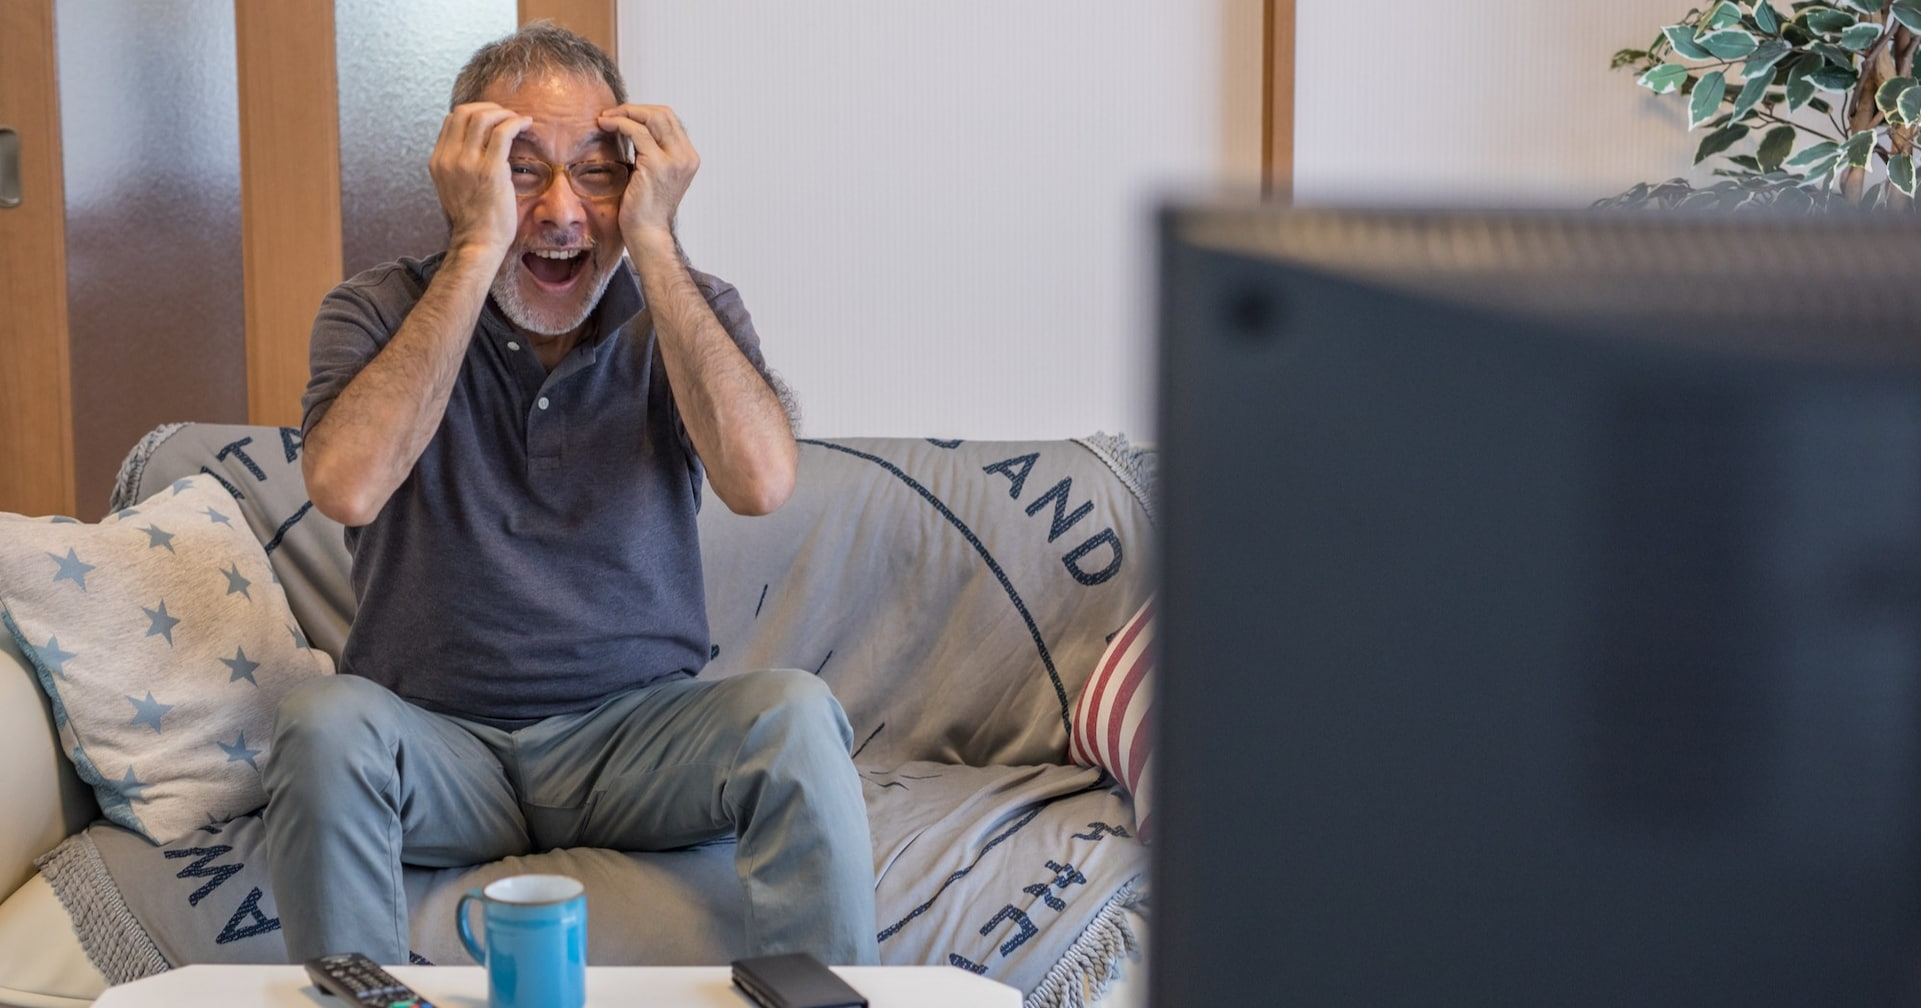 """「高齢者のストーカー化」現象を、""""背景""""だけではなく""""脳科学""""の見地からも考察する"""